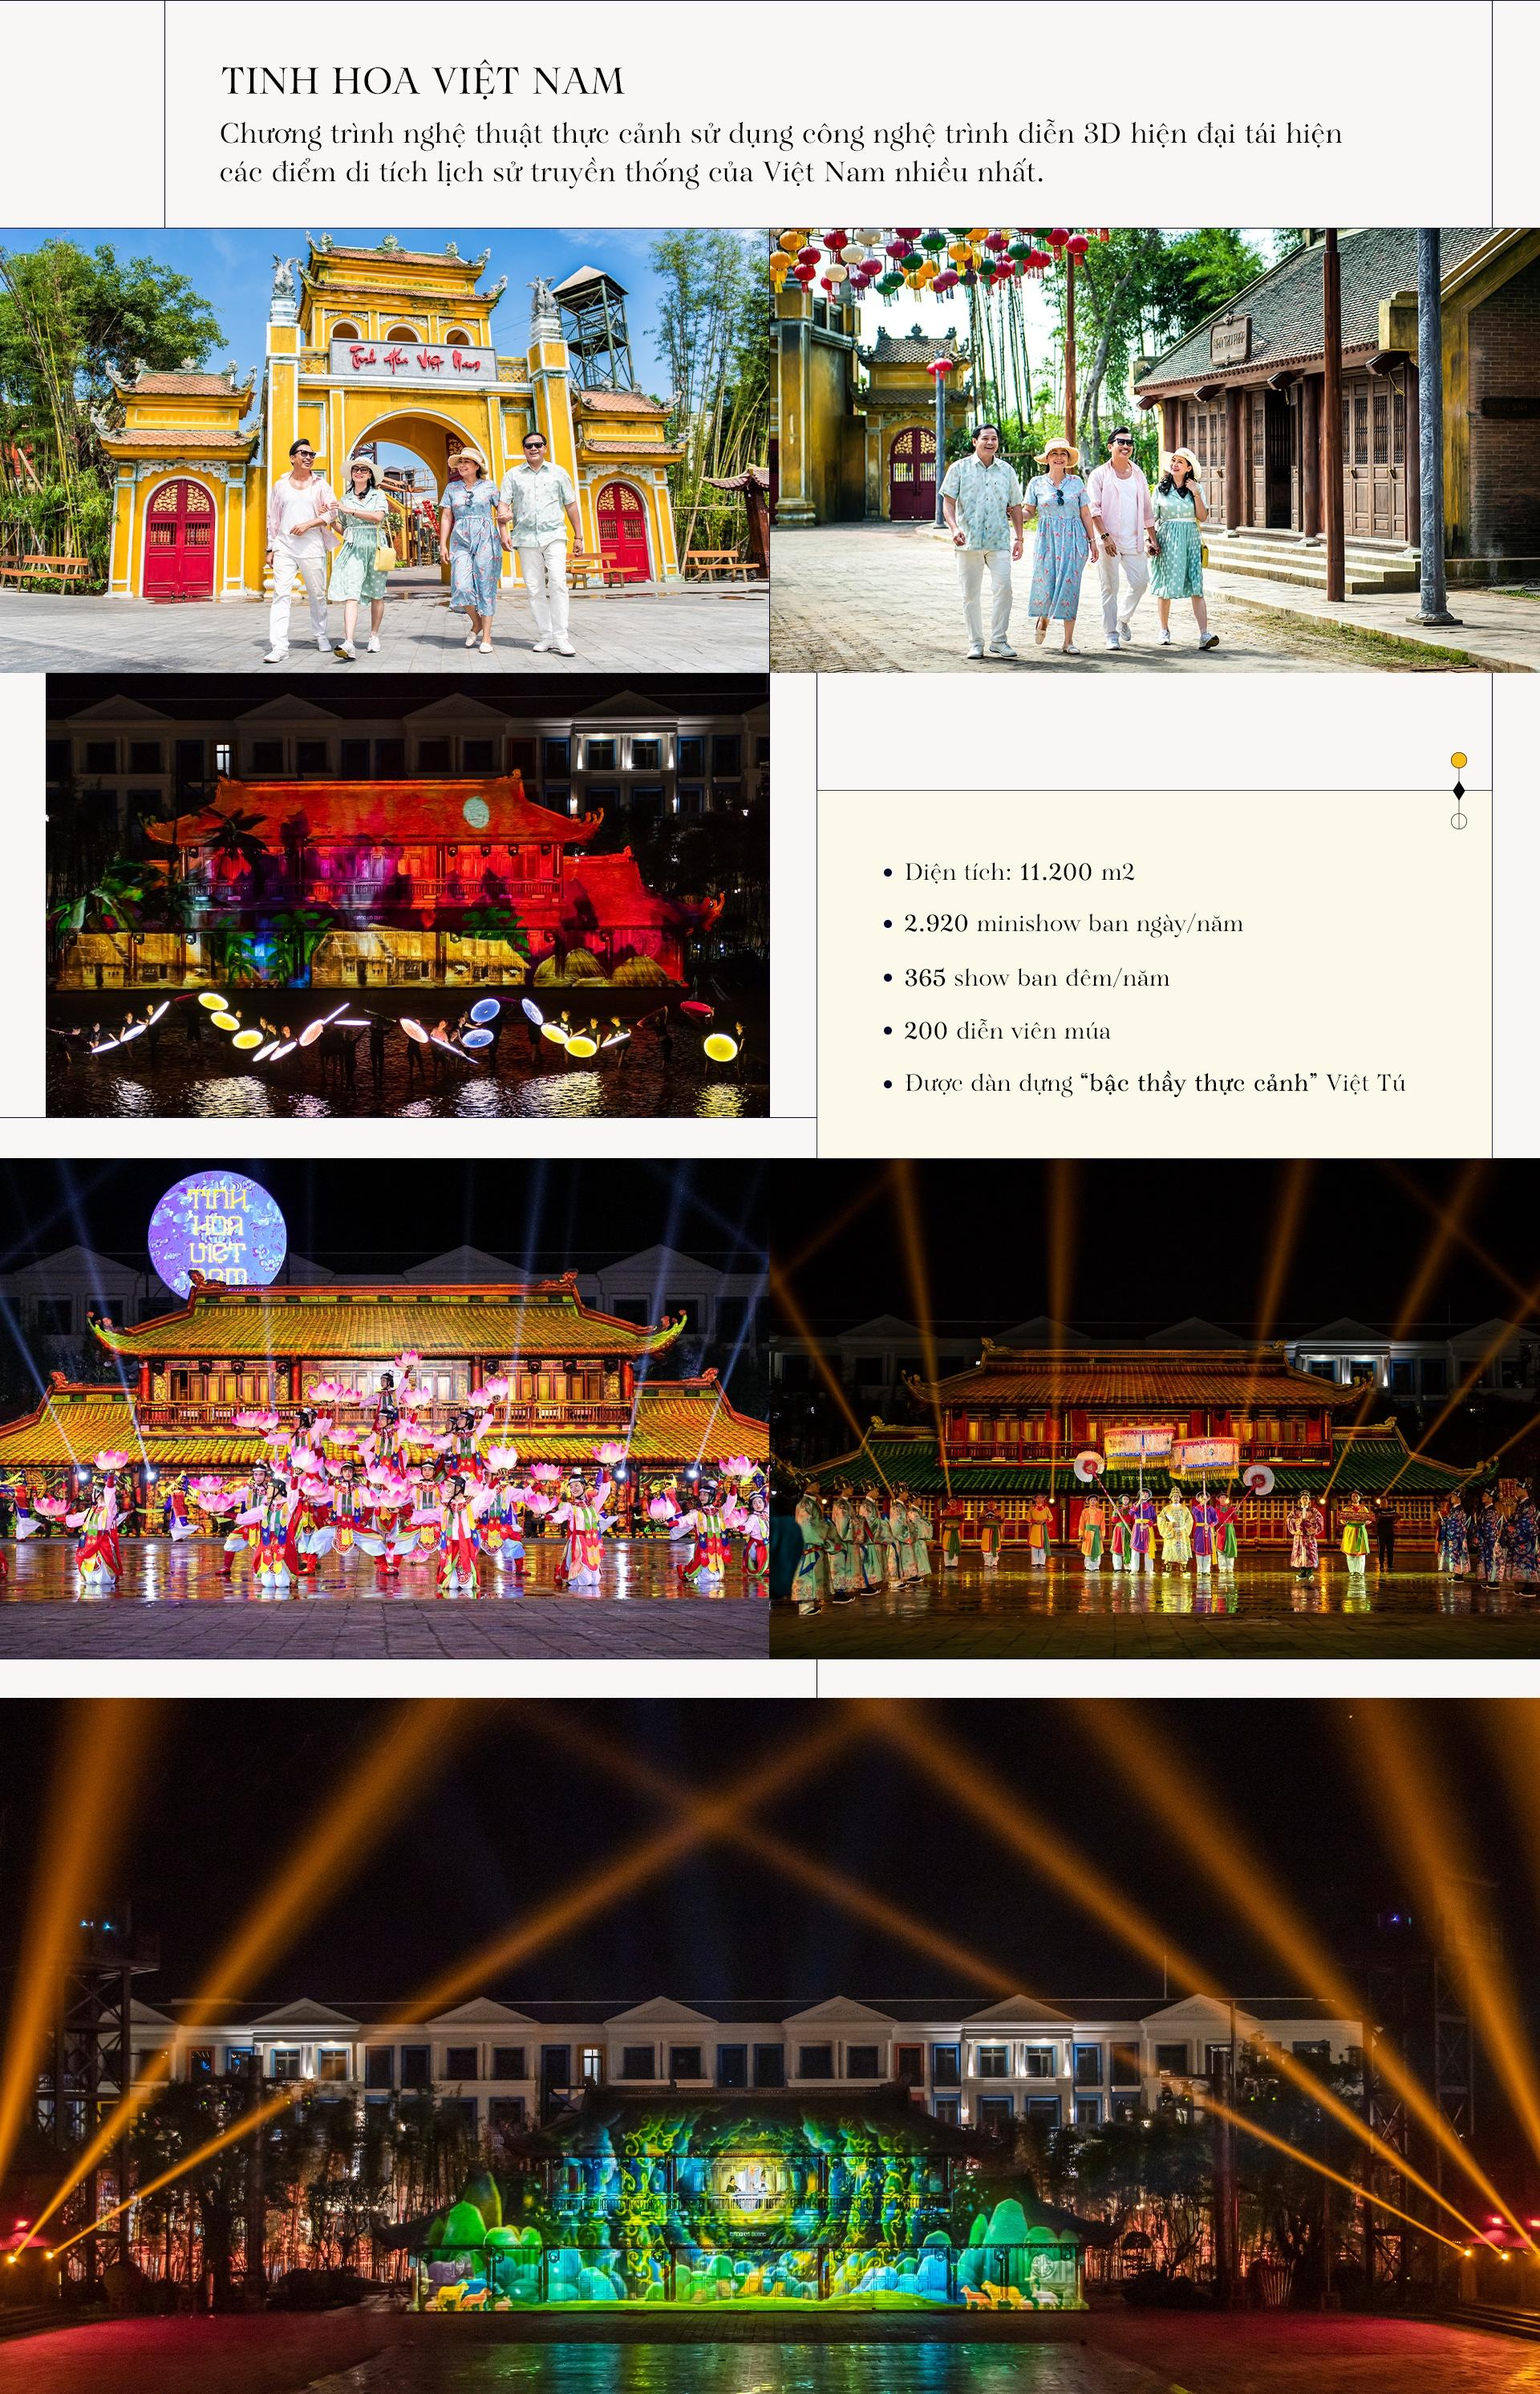 - Highlight_04 - Những kỷ lục mới tại 'siêu quần thể không ngủ' Phú Quốc United Center